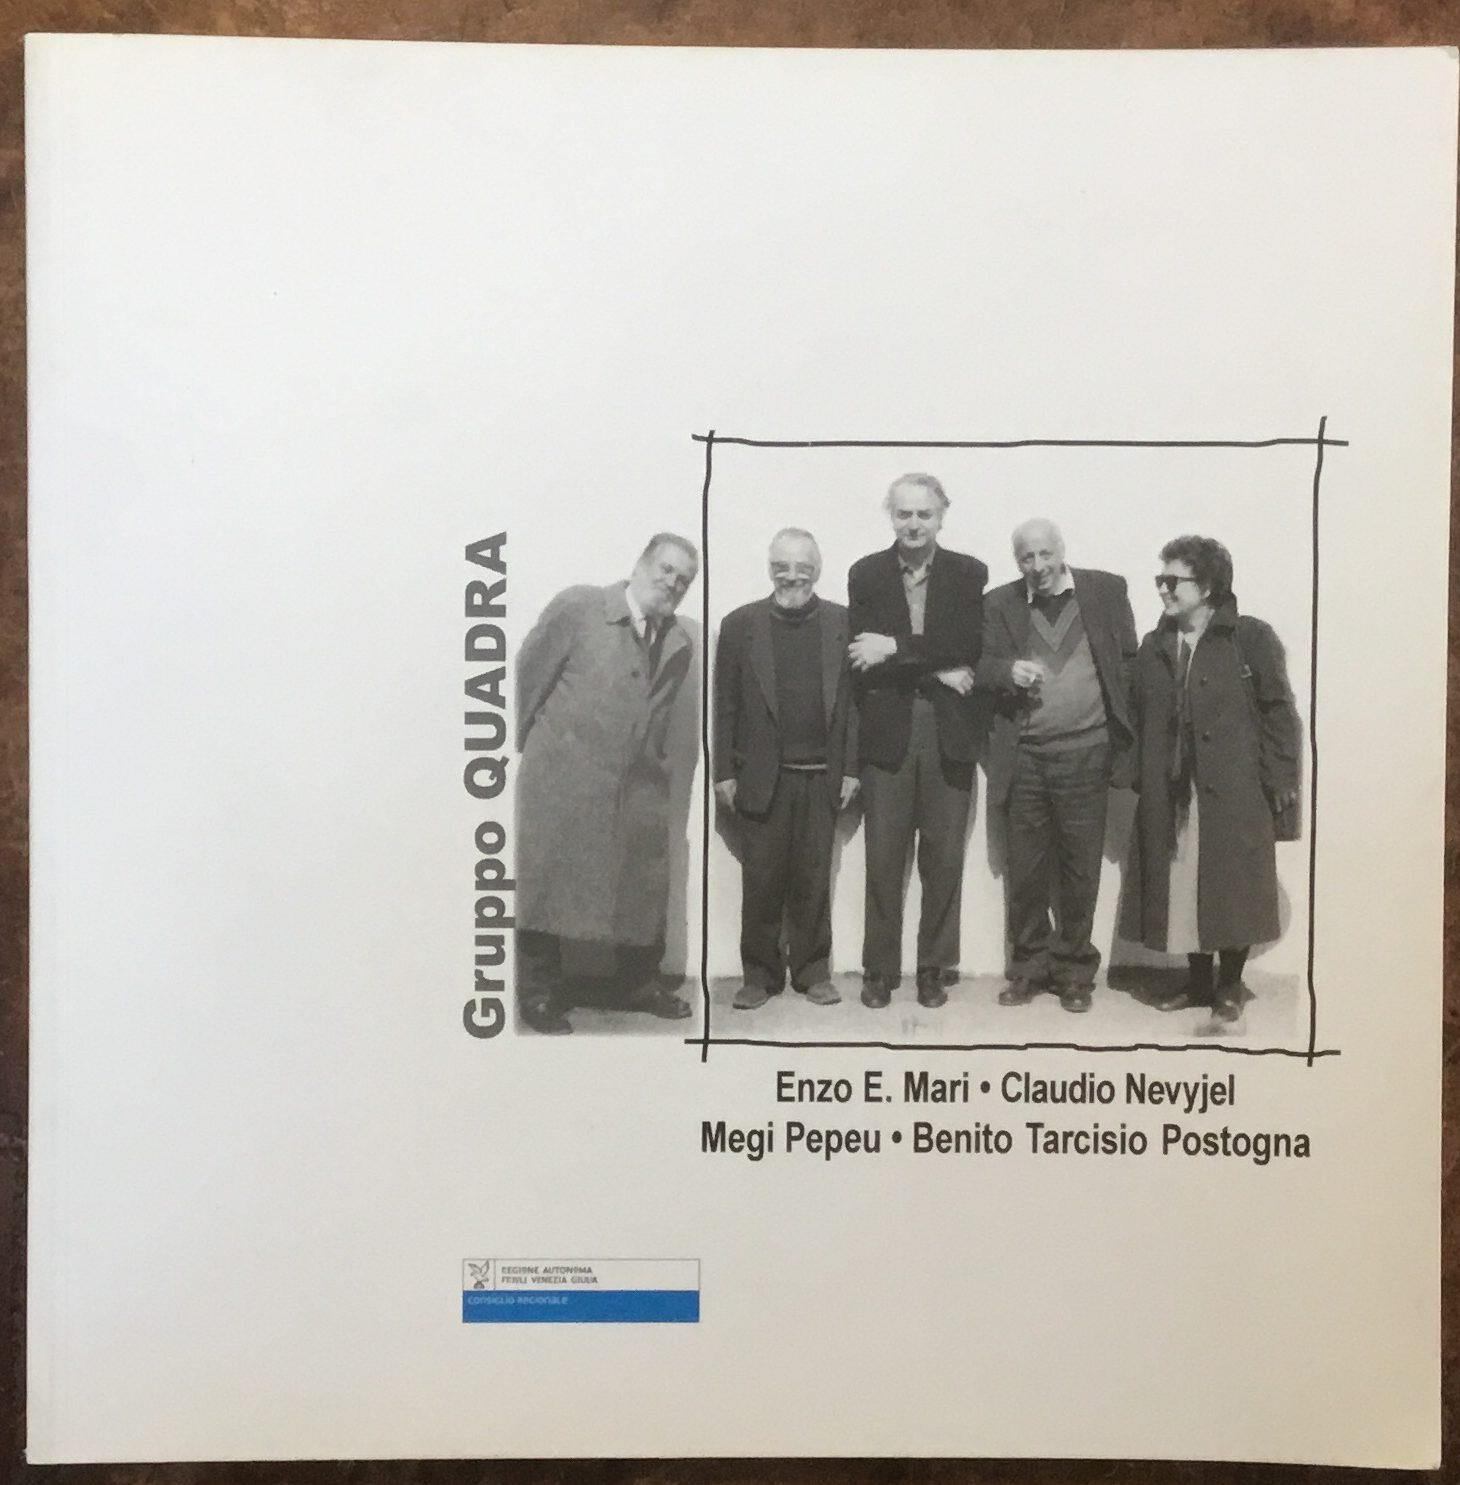 Libreria Trieste Enzo Mari gruppo quadra. enzo e. mari, claudio nevyjel, megi pepeu, benito tarcisio  postogna. catalogo della mostra di trieste 2007